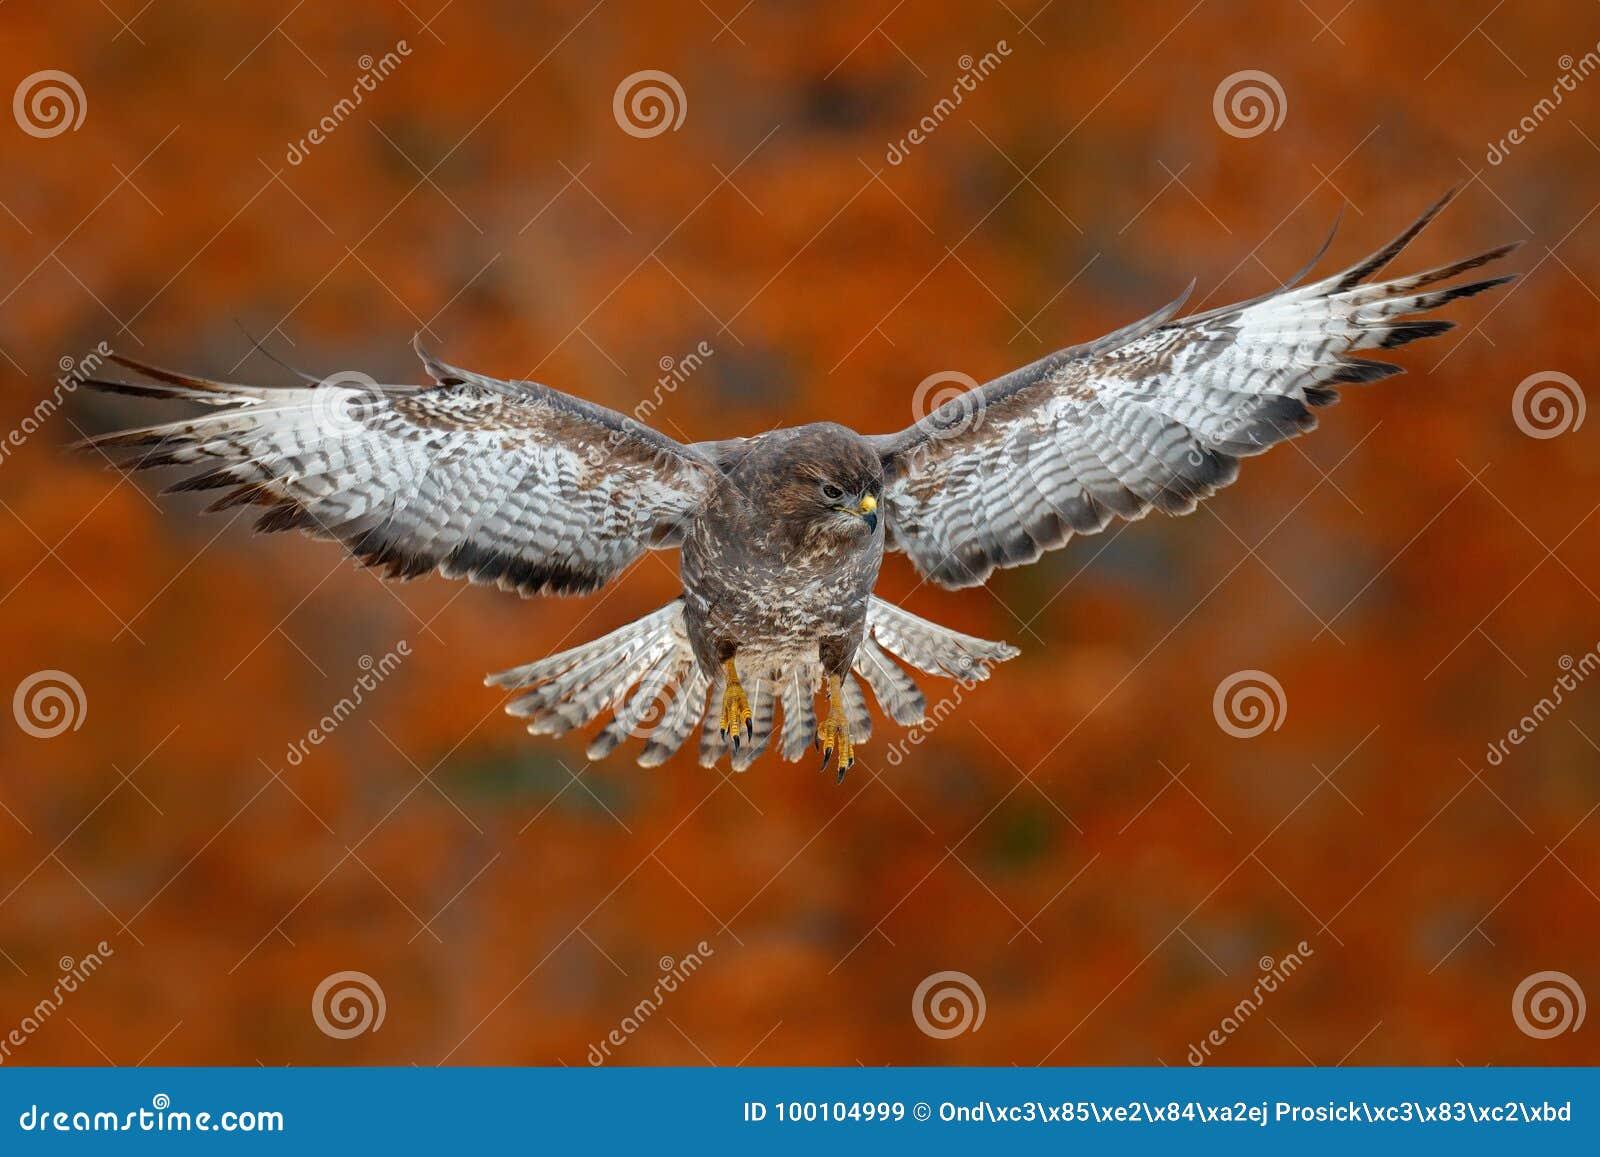 Хоук канюка летящей птицы с запачканным оранжевым лесом дерева осени в предпосылке Сцена живой природы от природы птица в мухе Хо